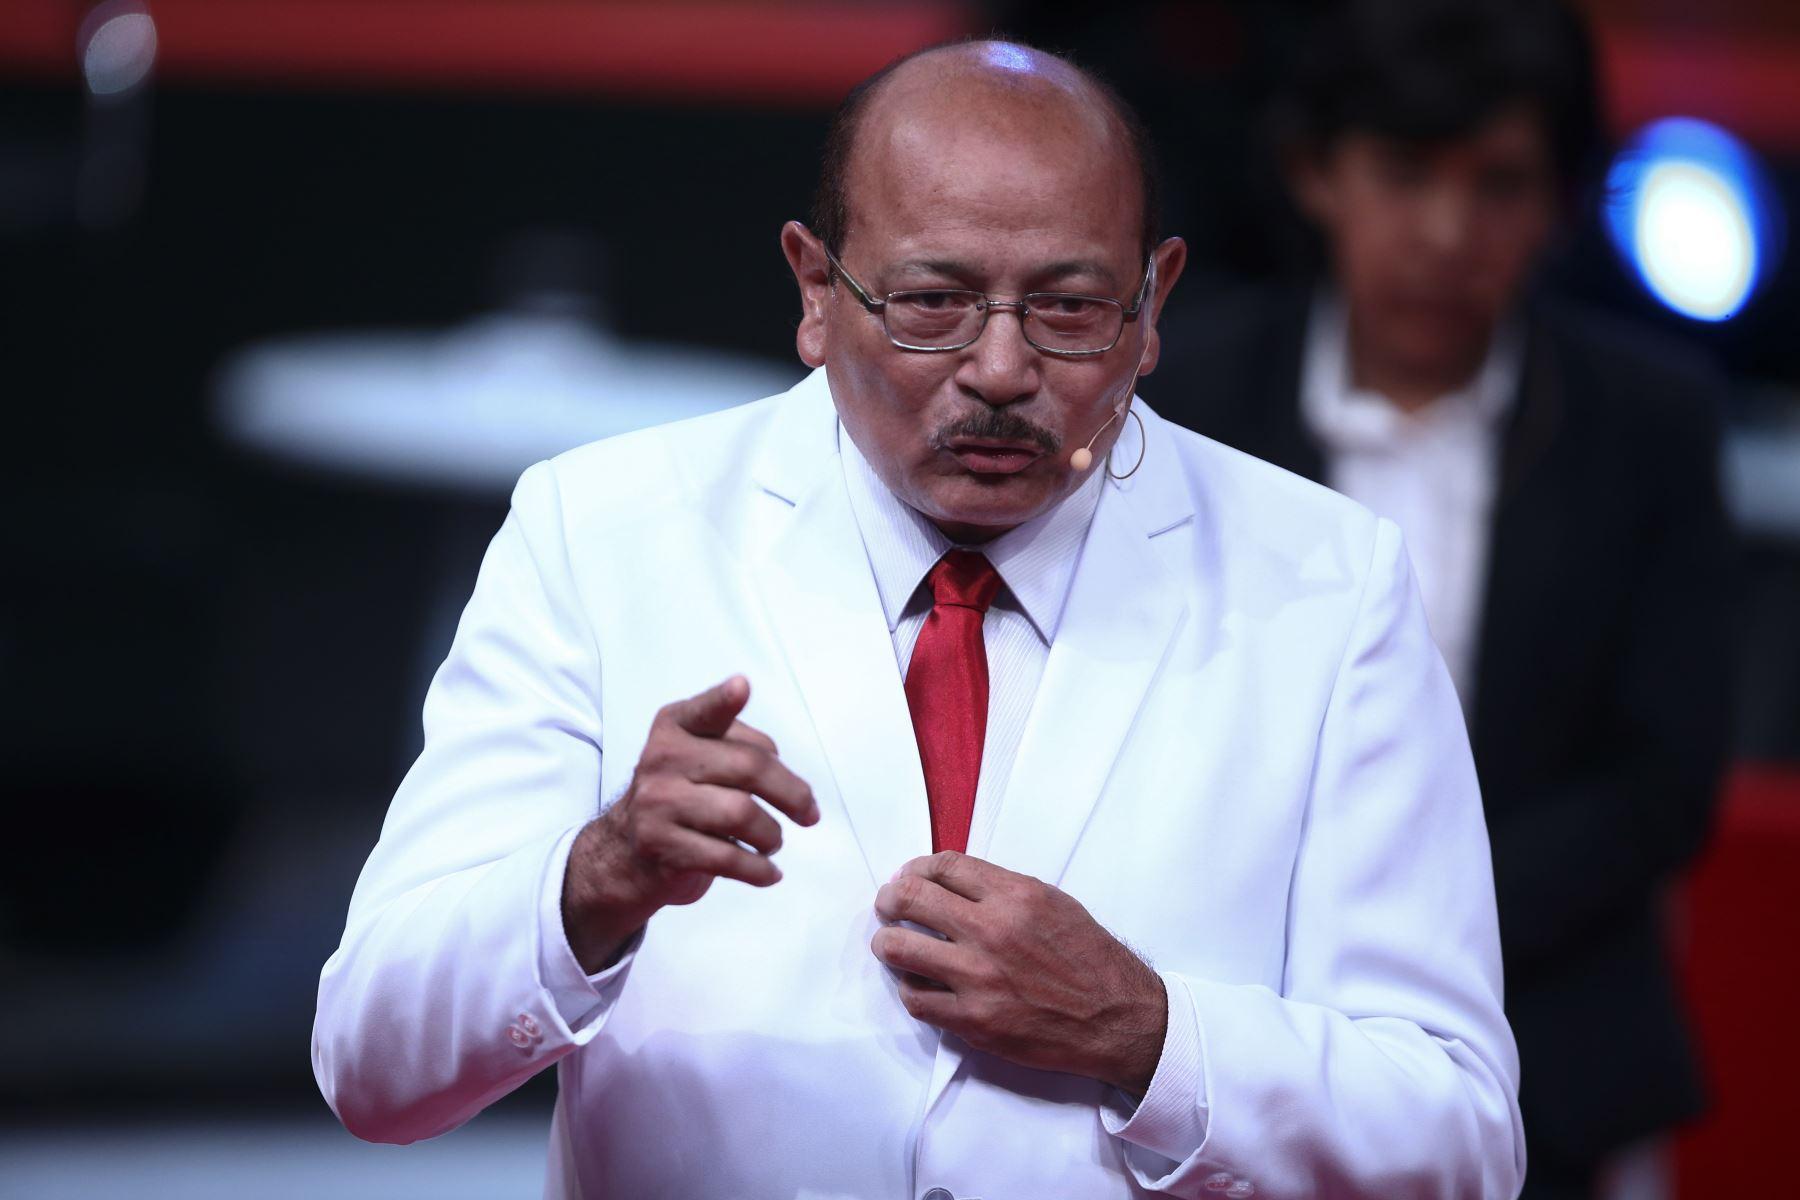 José Quiñones, candidato al Congreso por Democracia Directa participa en segundo debate de Lima Metropolitana. Foto: ANDINA/Tarqui Vidal